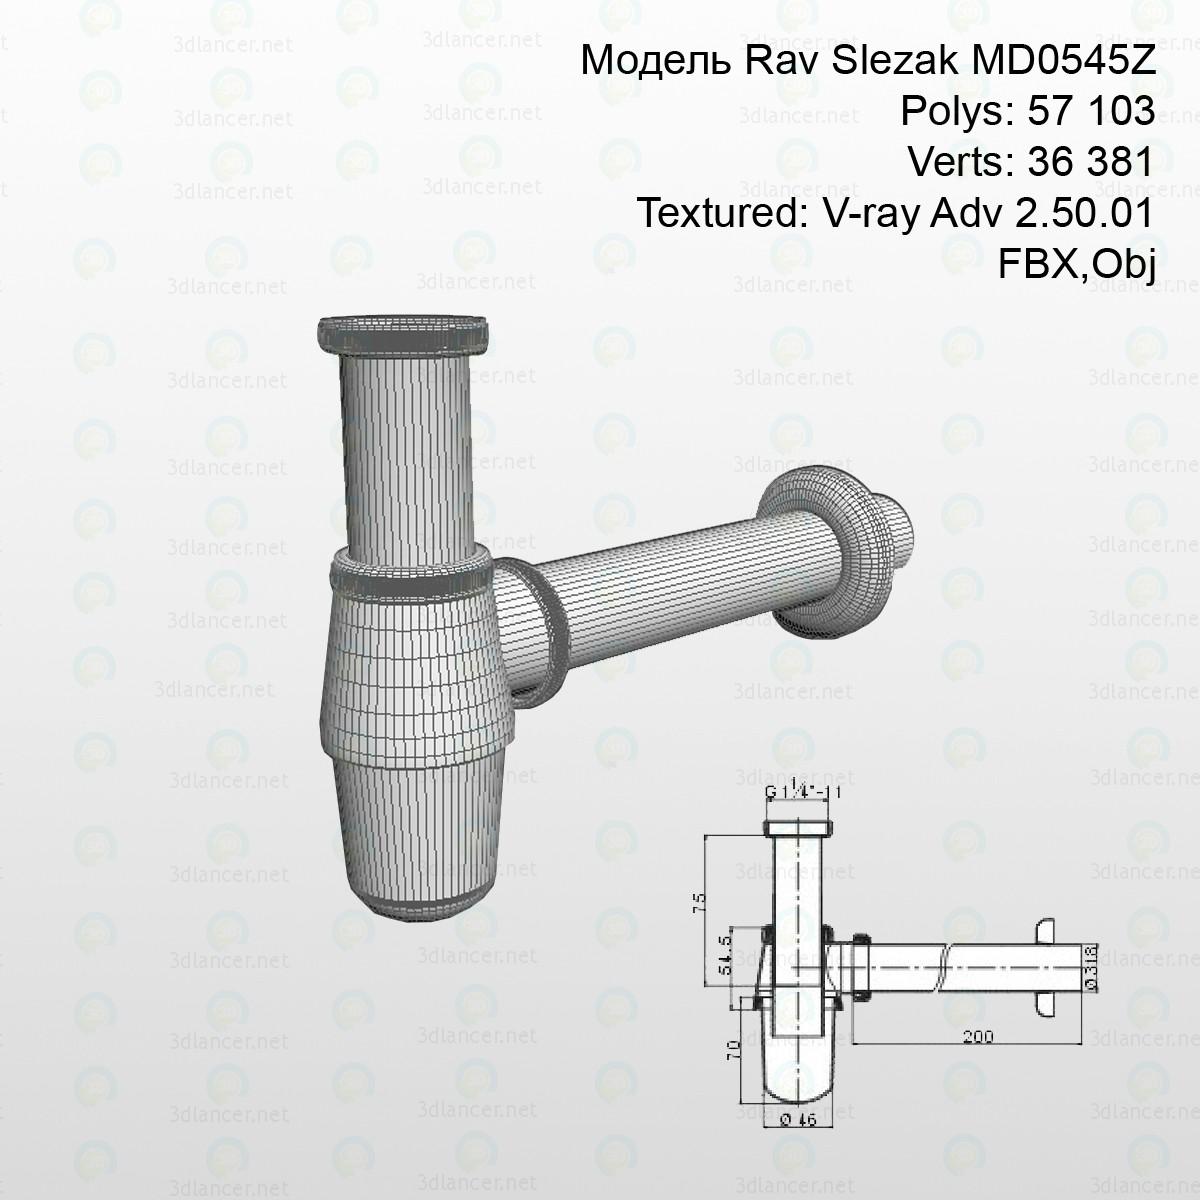 3d Siphon Rav Slezak MD0545Z model buy - render